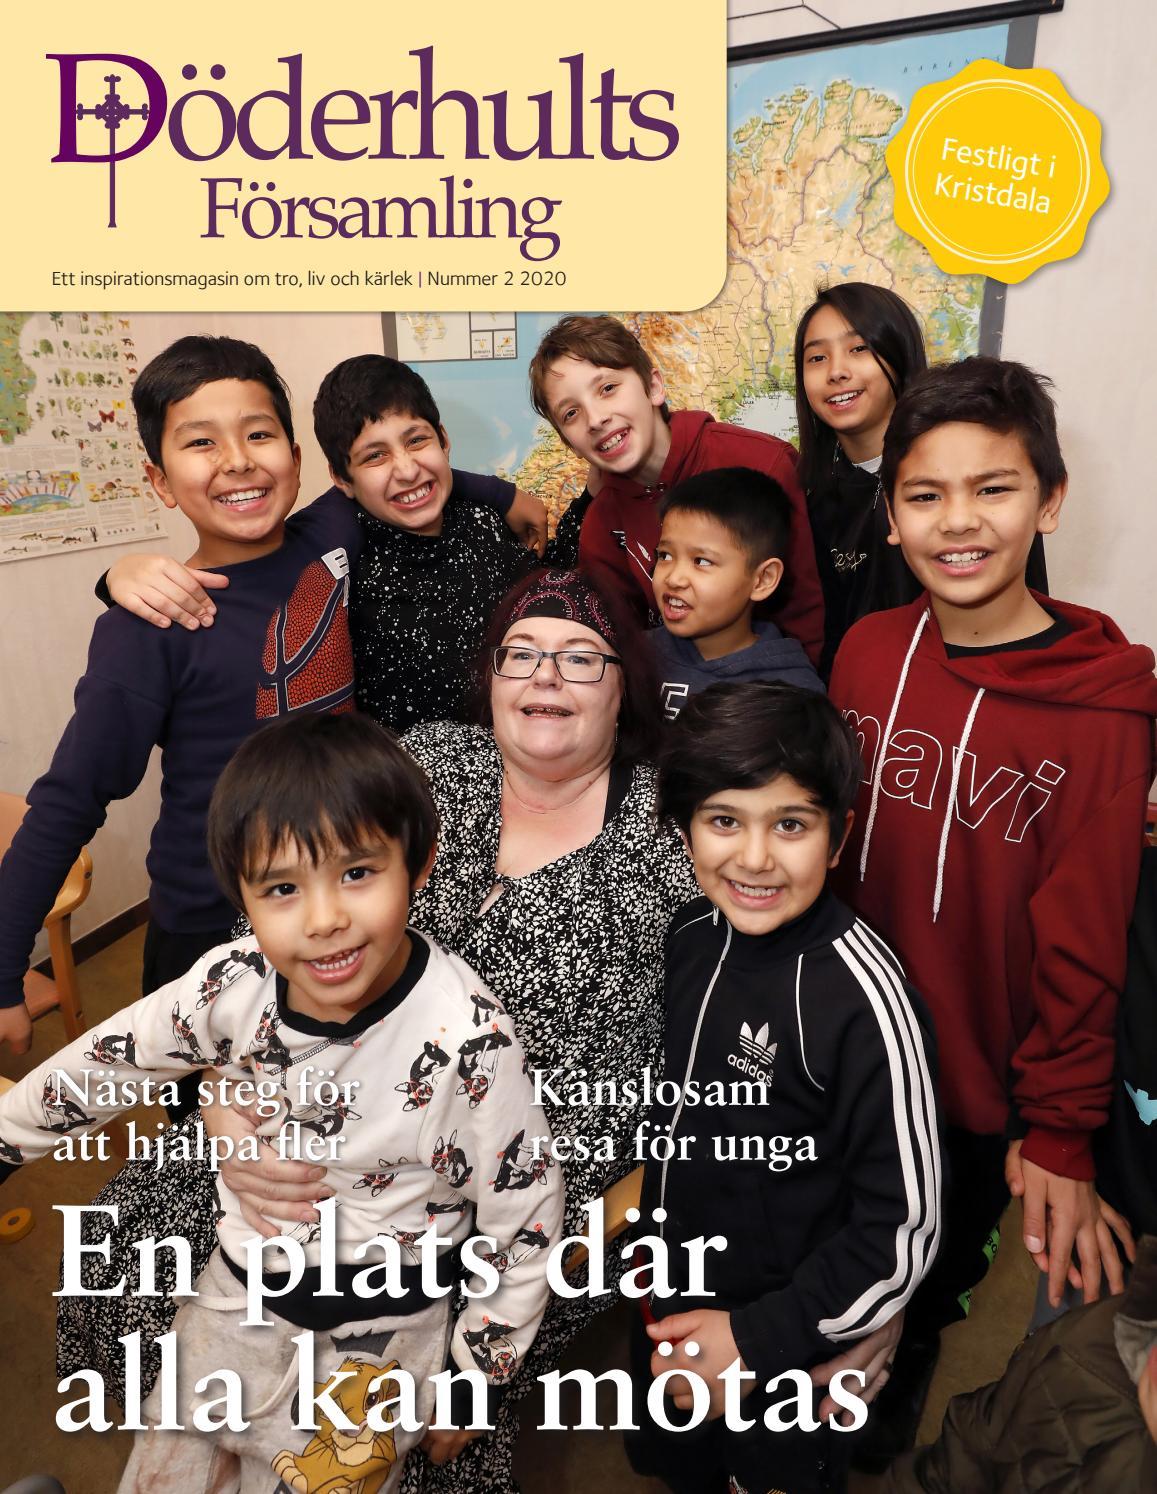 Nyinflyttade p Dderhult solliden 1, Oskarshamn | omr-scanner.net